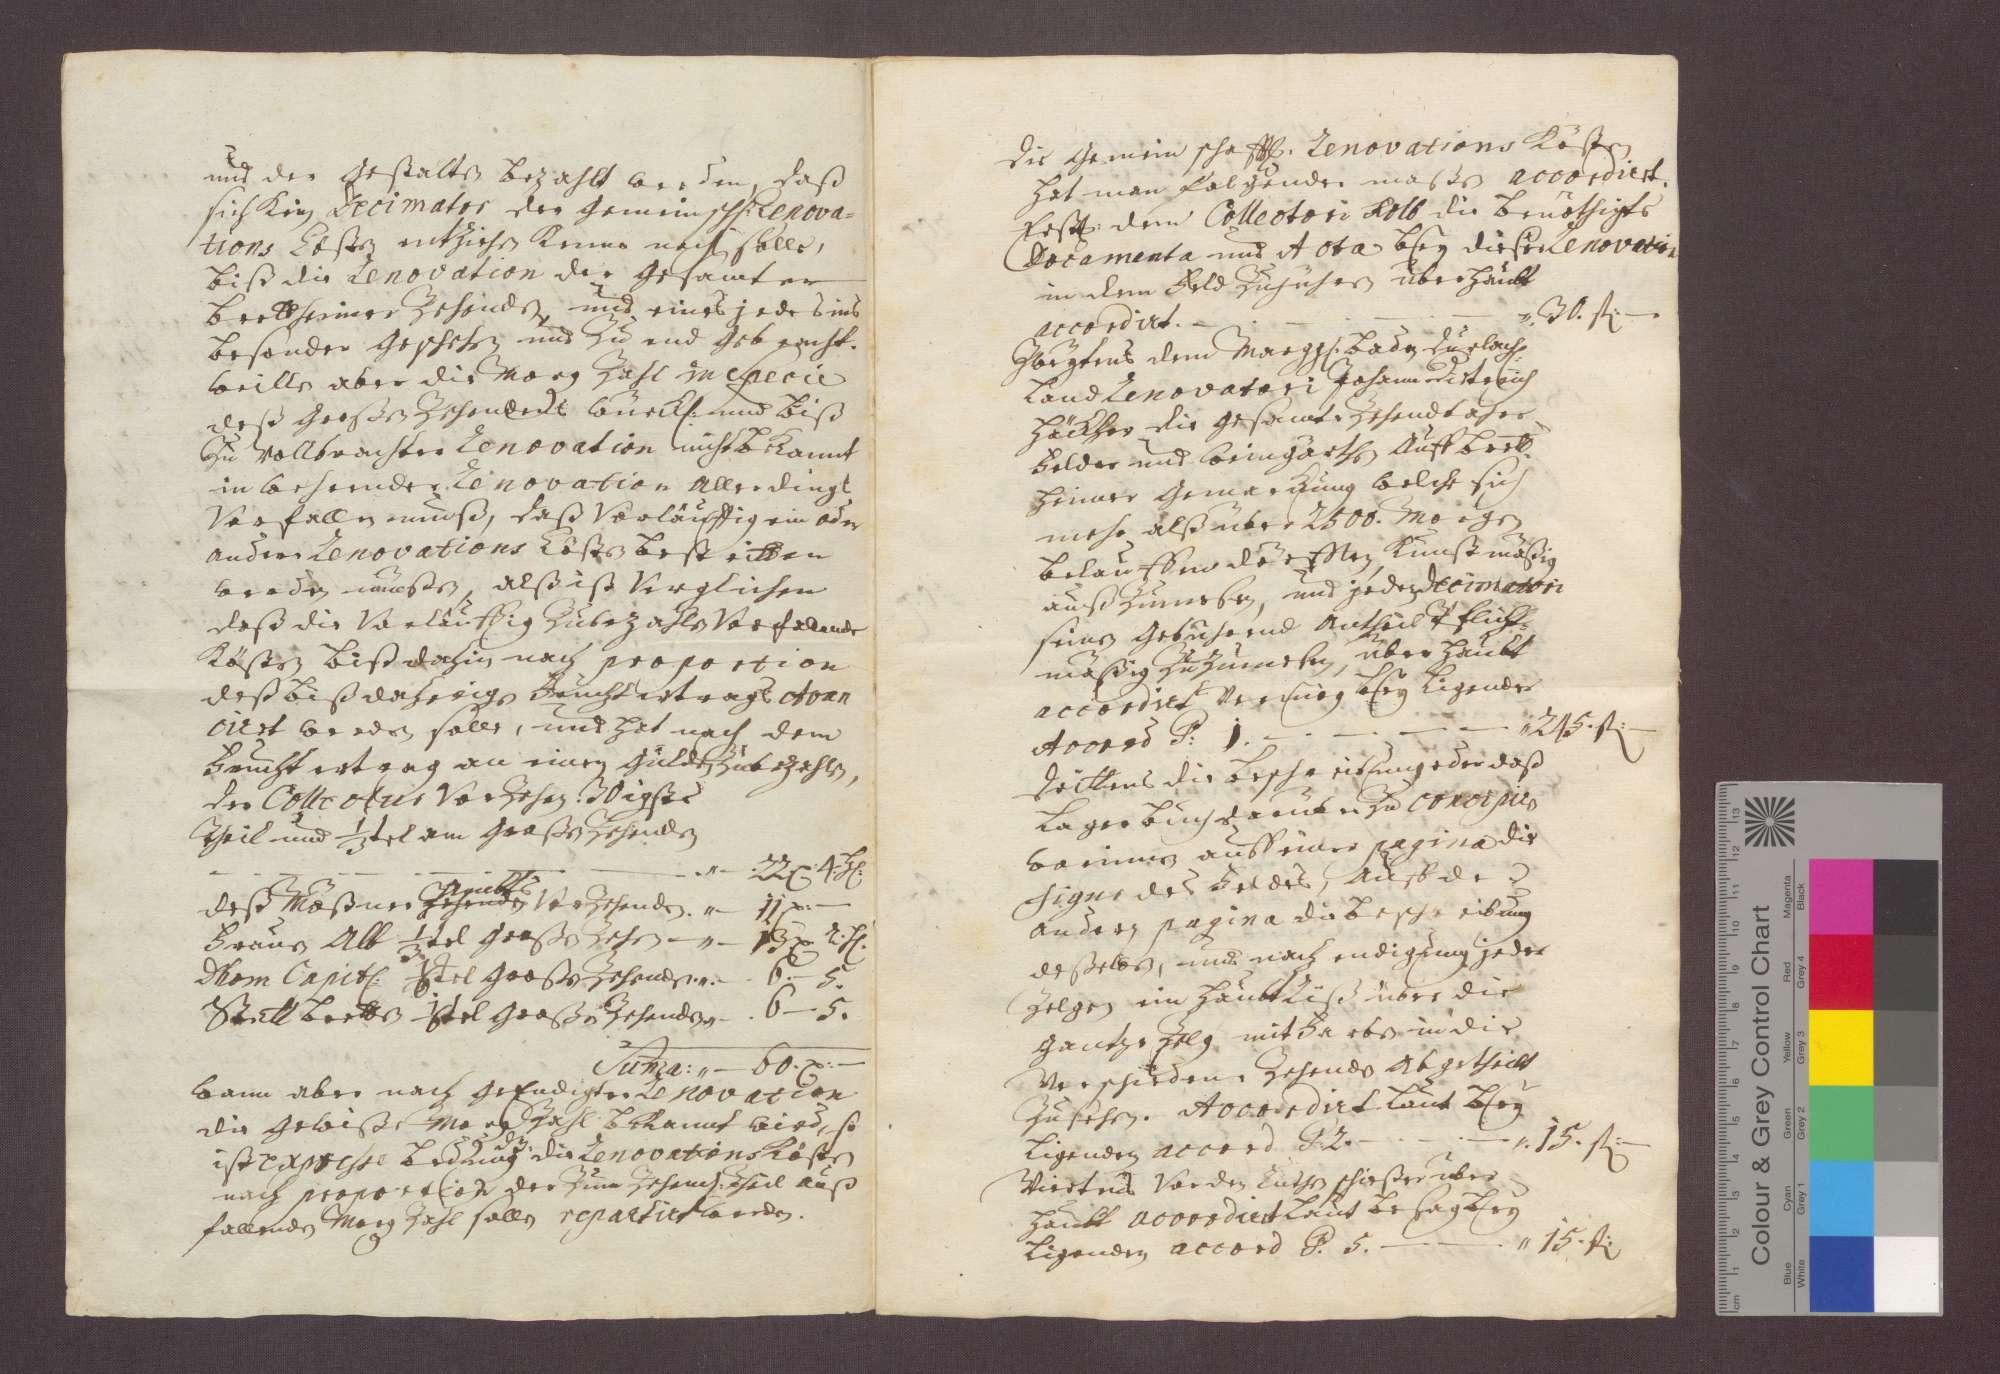 Die Dezimatoren zu Bretten vergleichen sich, da seit 1562 keine Hauptrenovation des gesamten Zehnten von Brettener Gemarkung vorgenommen wurde, wegen der entsprechenden Anteile zu repartierenden Kosten einer Renovation., Bild 2